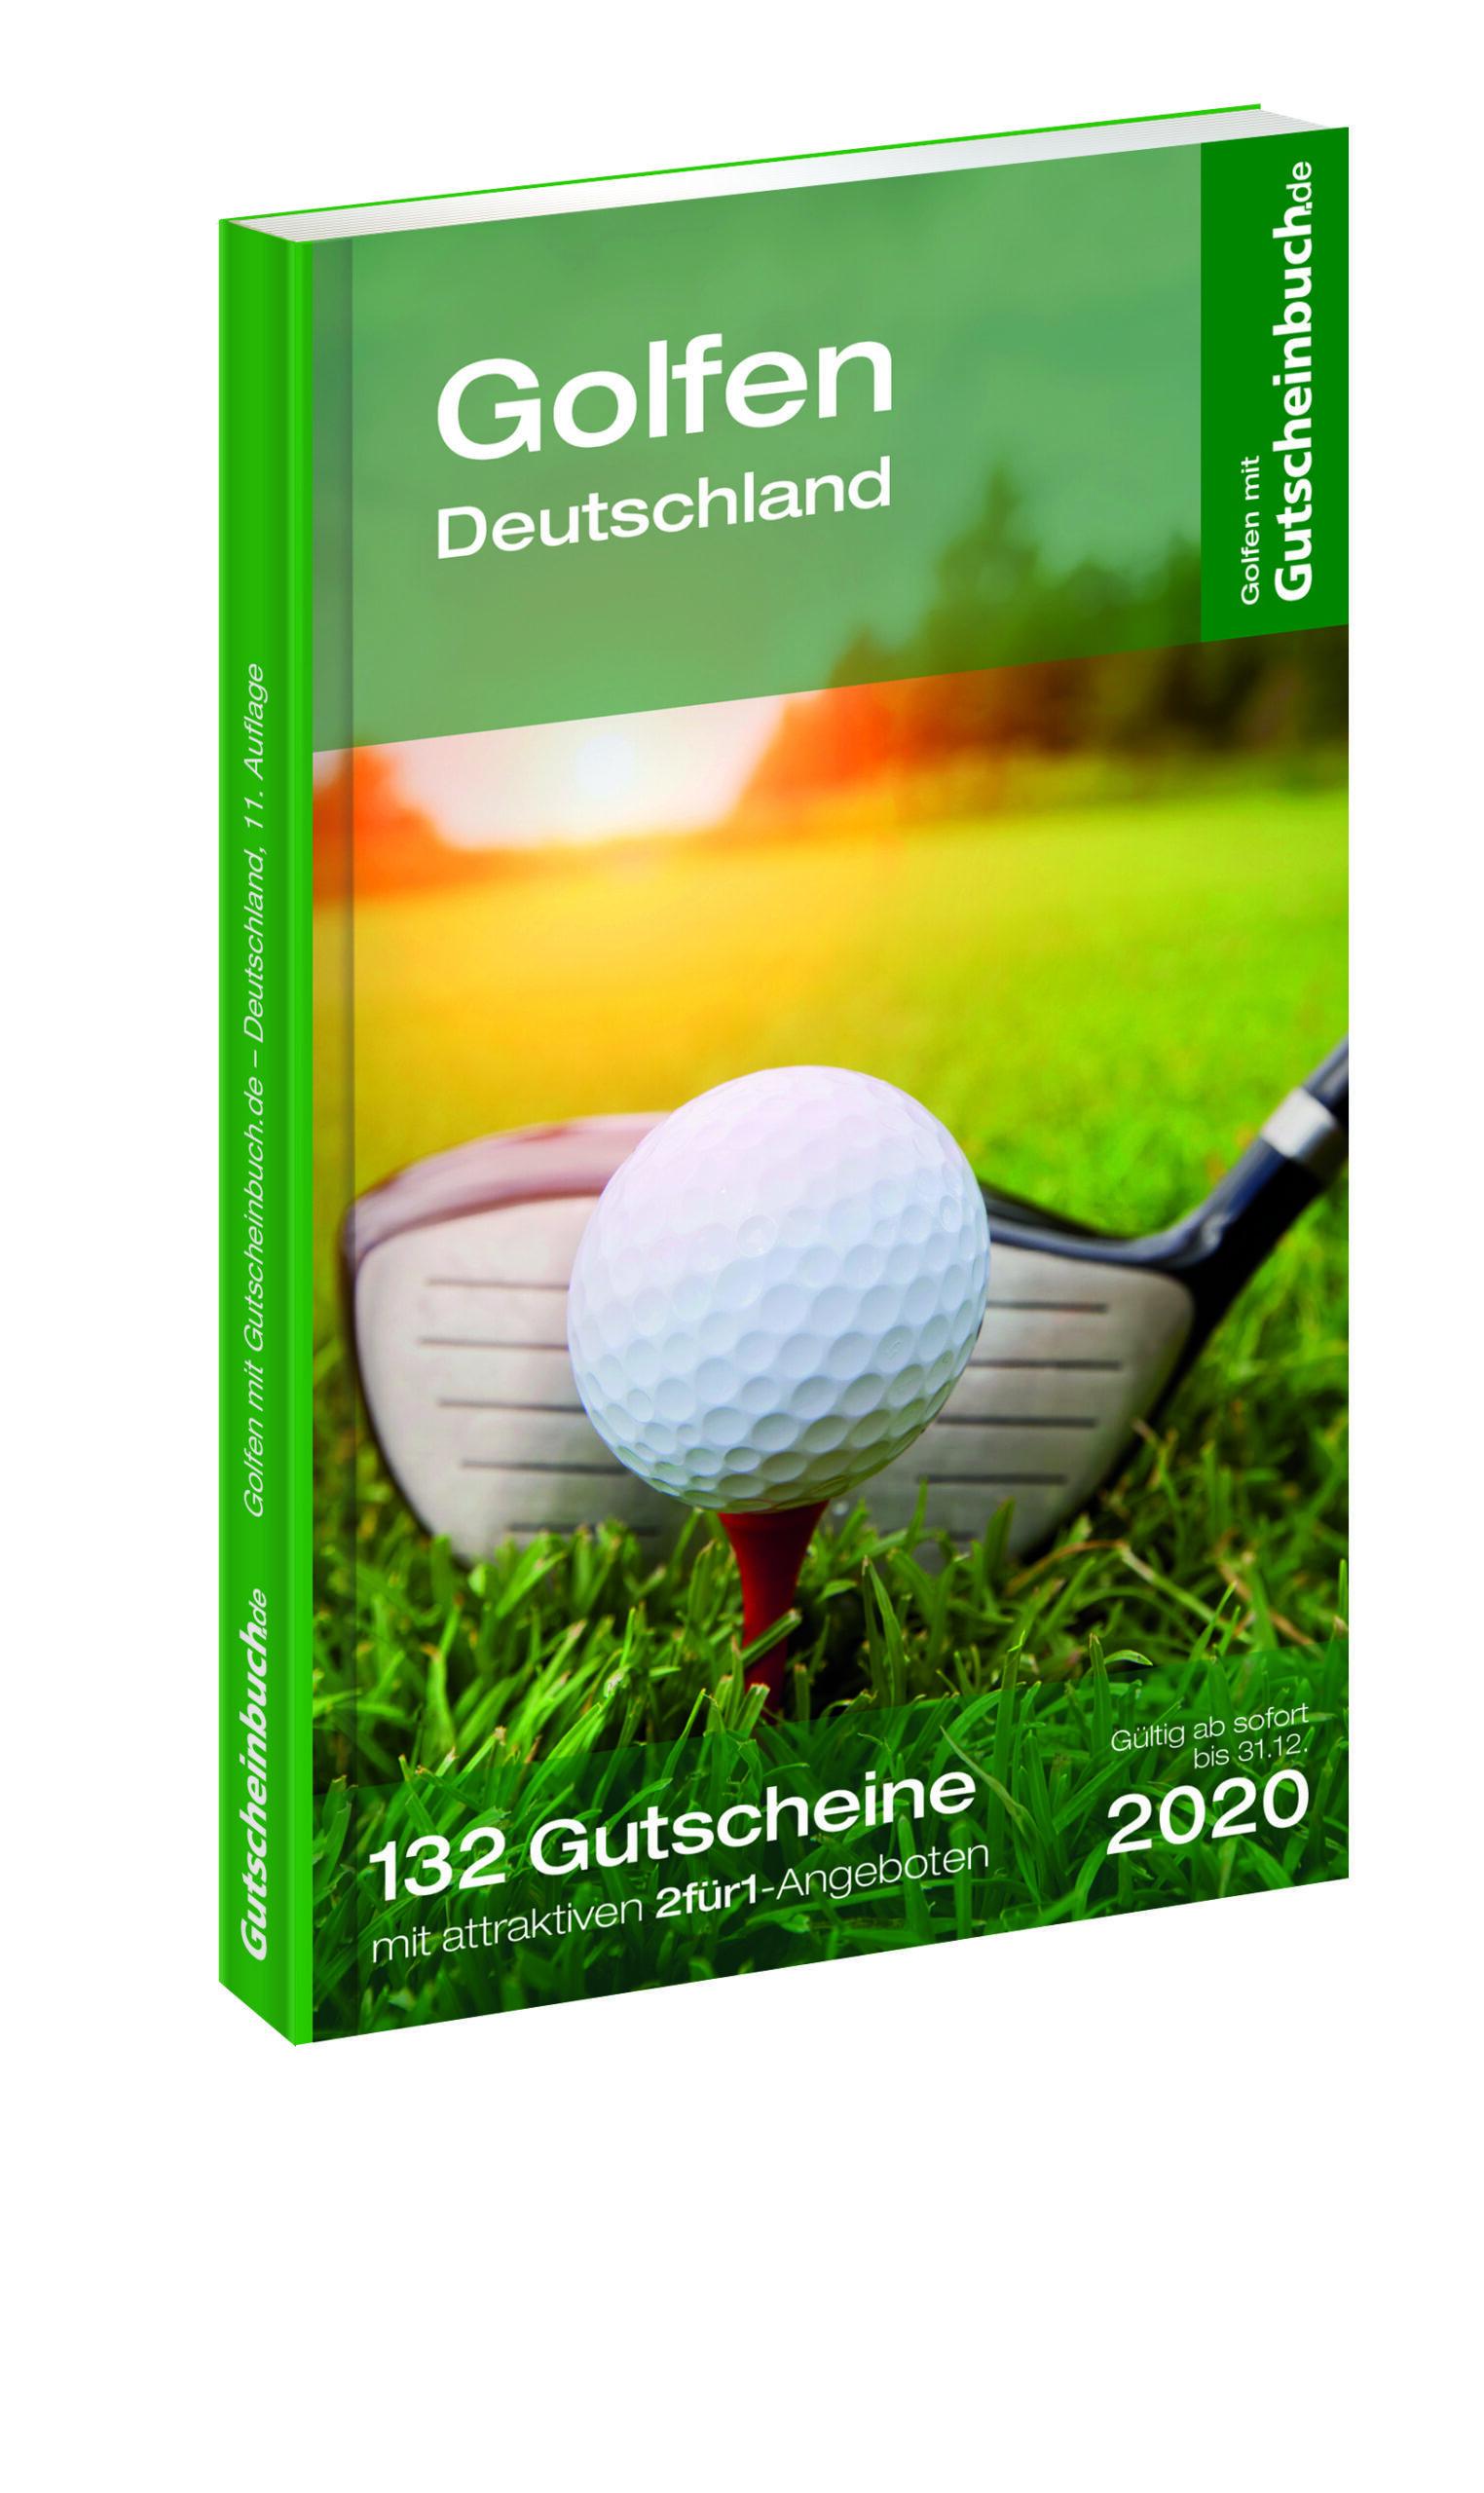 Golfen mit Gutscheinbuch.de